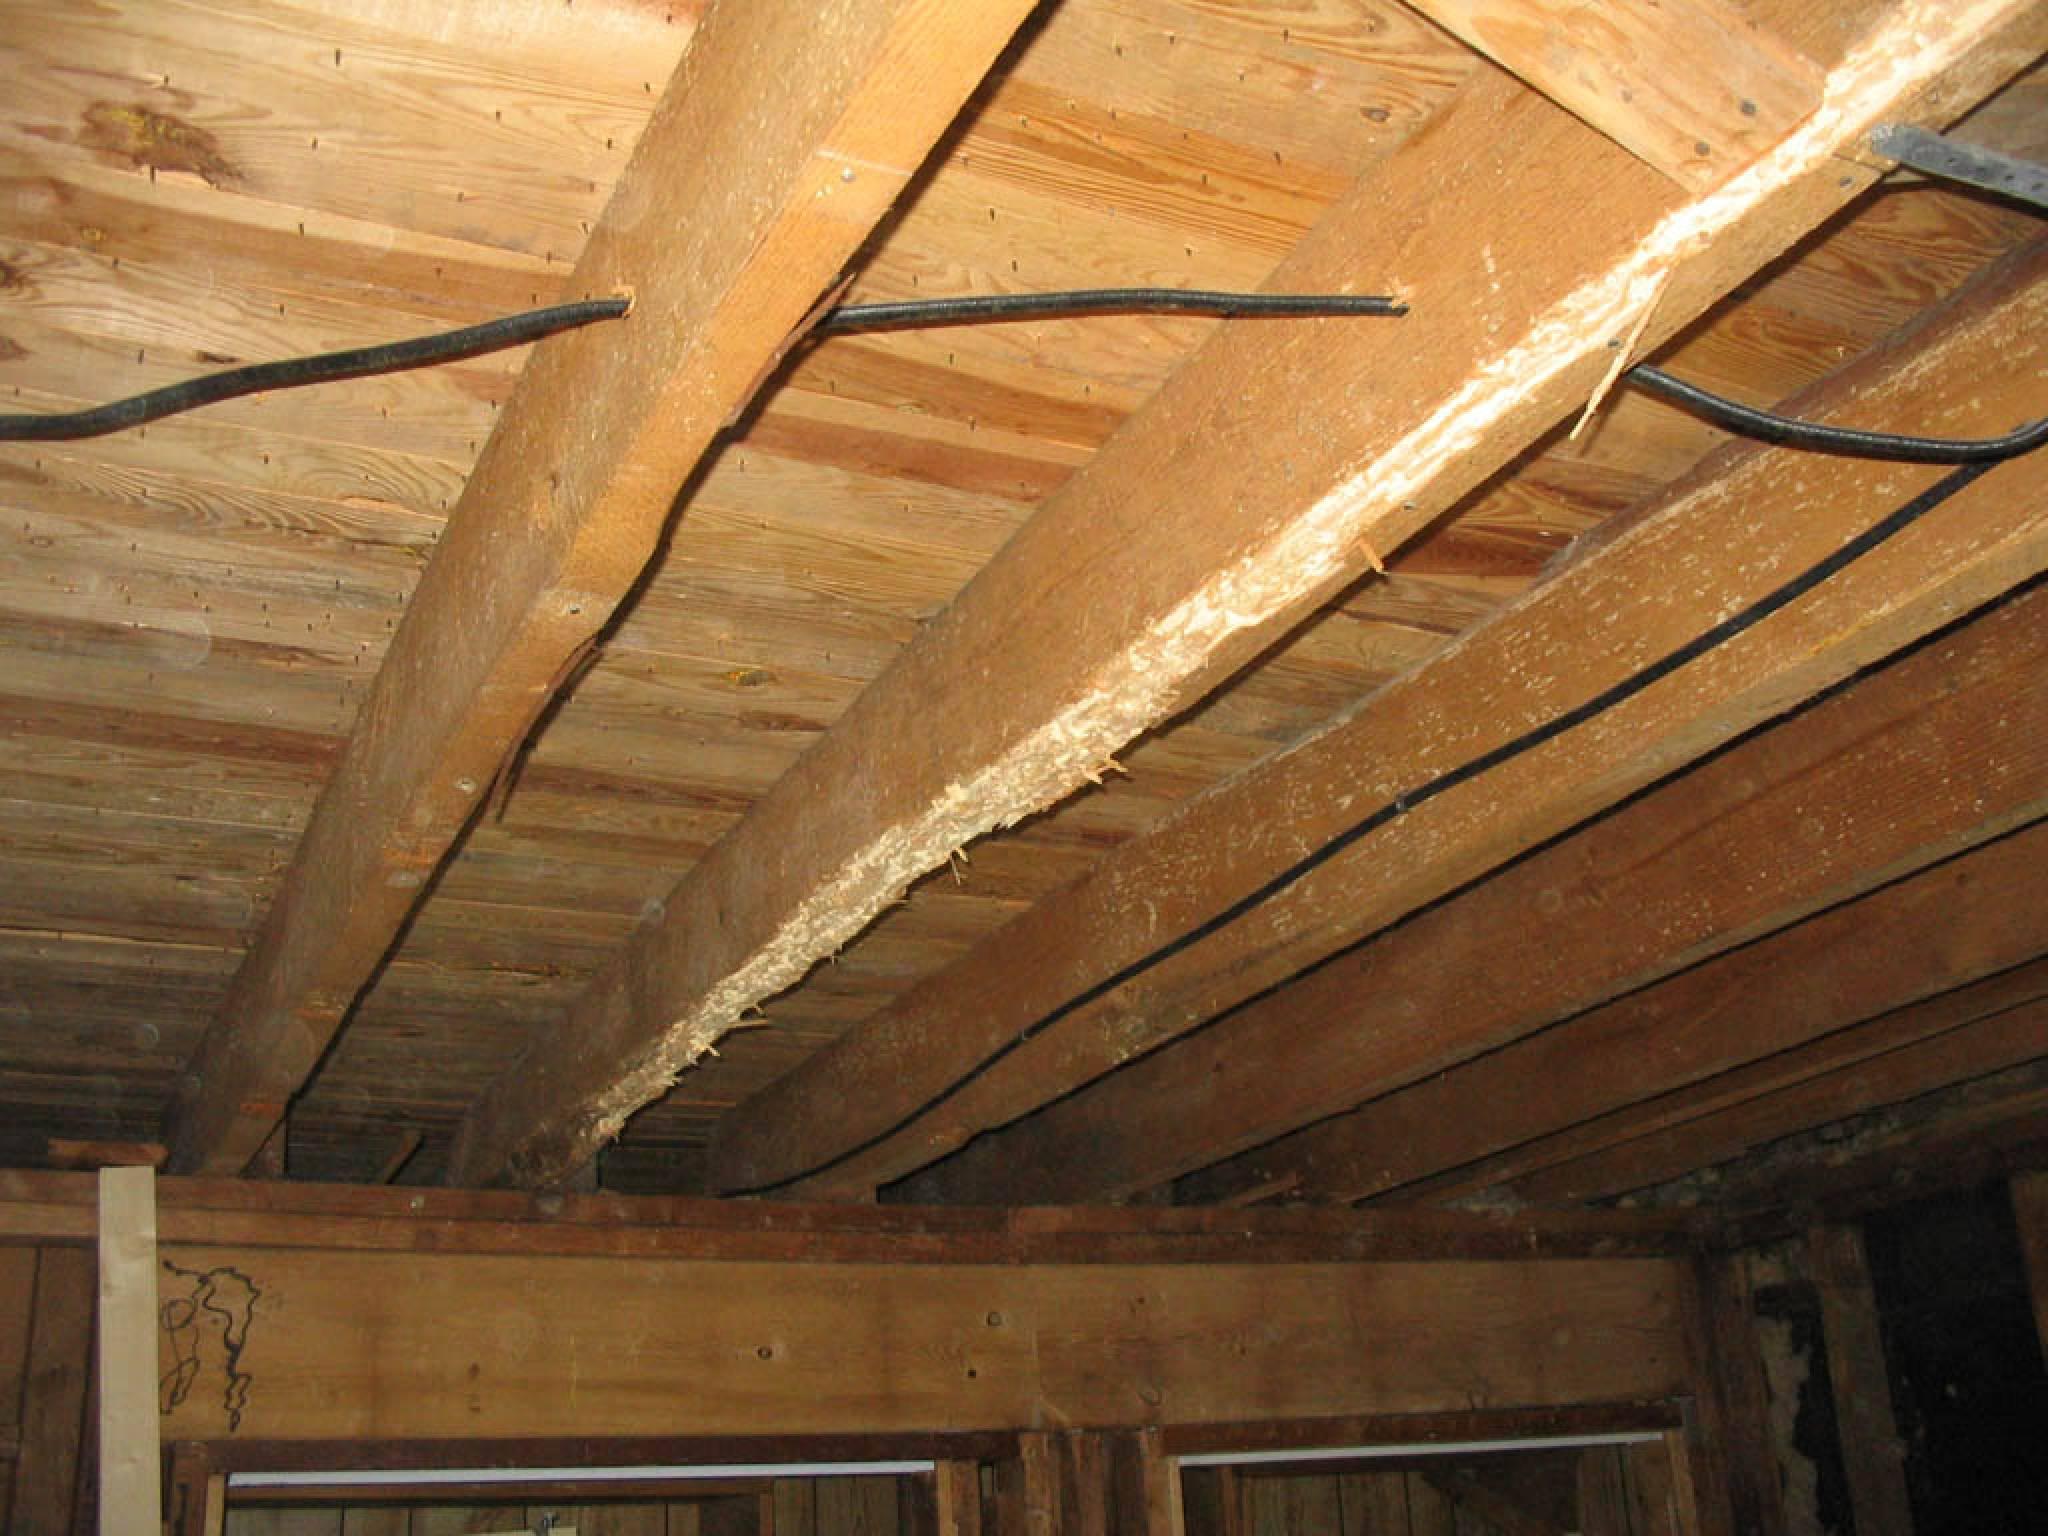 termite damage repair joists